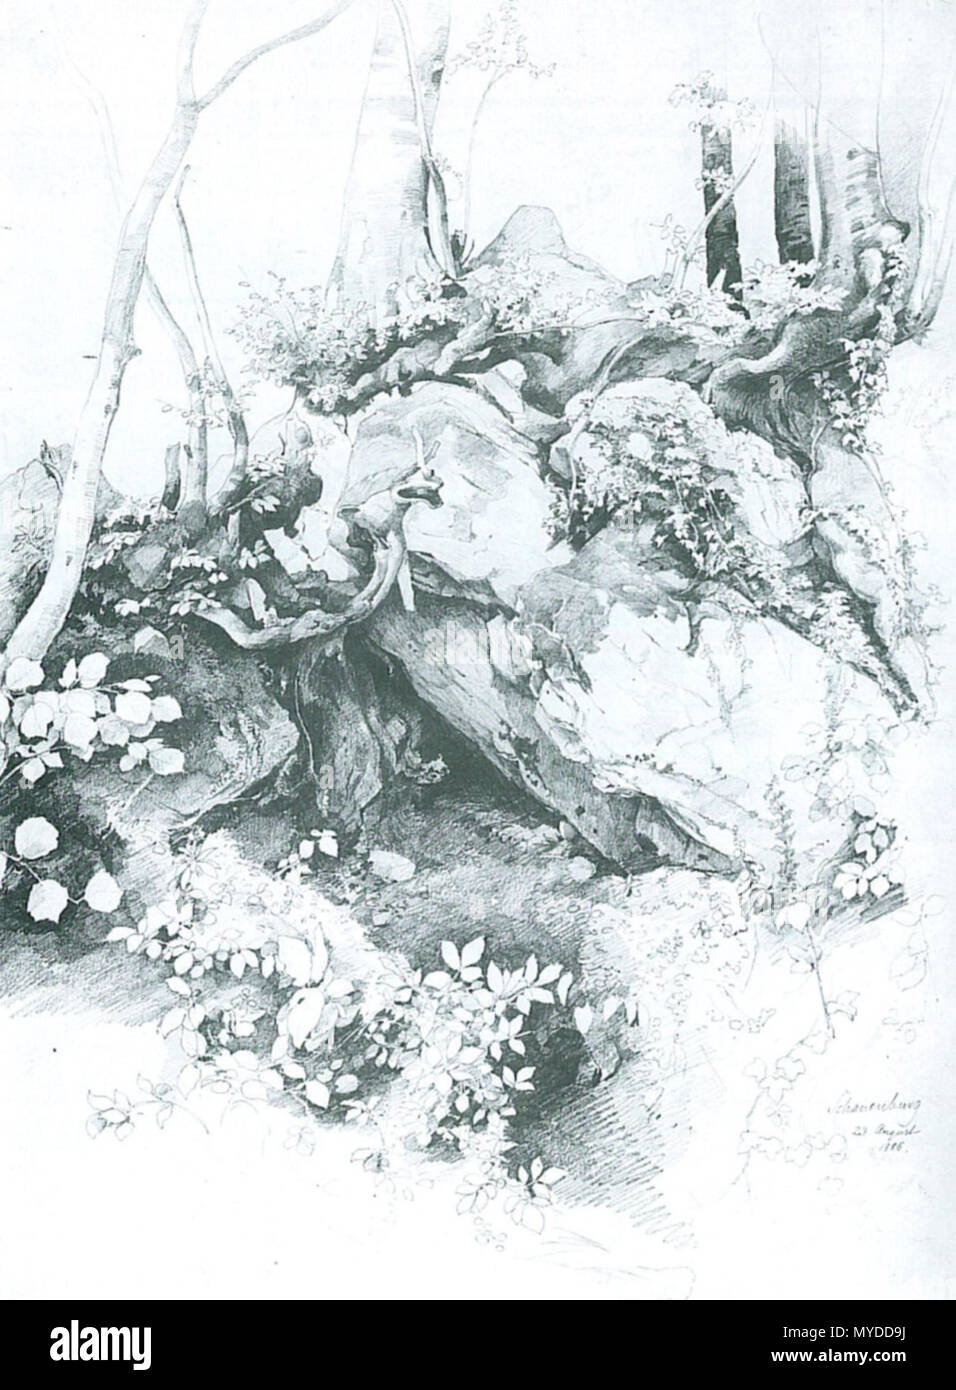 . Deutsch: Edmund Kanoldt: Vordergrundstudie, Schauenburg. 50,5 × 35,9 cm. Bleistift auf Papier. La Kunsthalle di Mannheim . circa 1886. Edmund Kanoldt (1845-1904) 153 Edmund Kanoldt Vordergrundstudie Schauenburg Immagini Stock